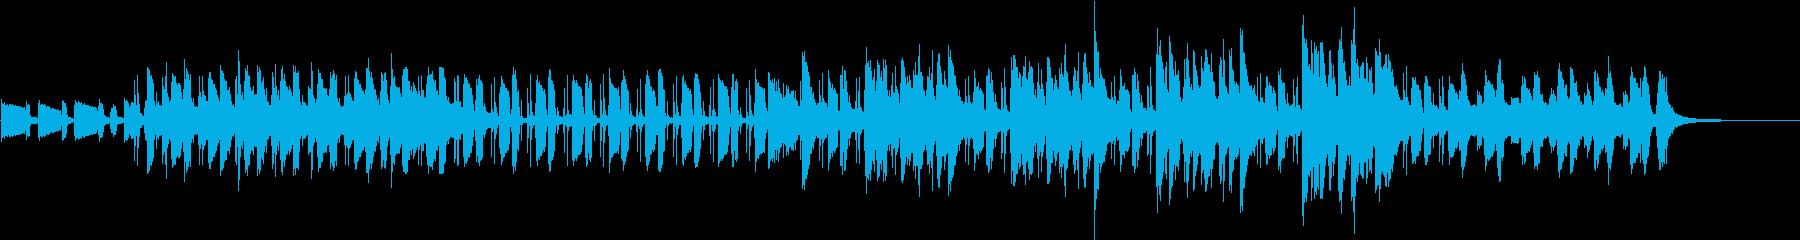 ピアノのリズムが軽快なポップスジャズの再生済みの波形